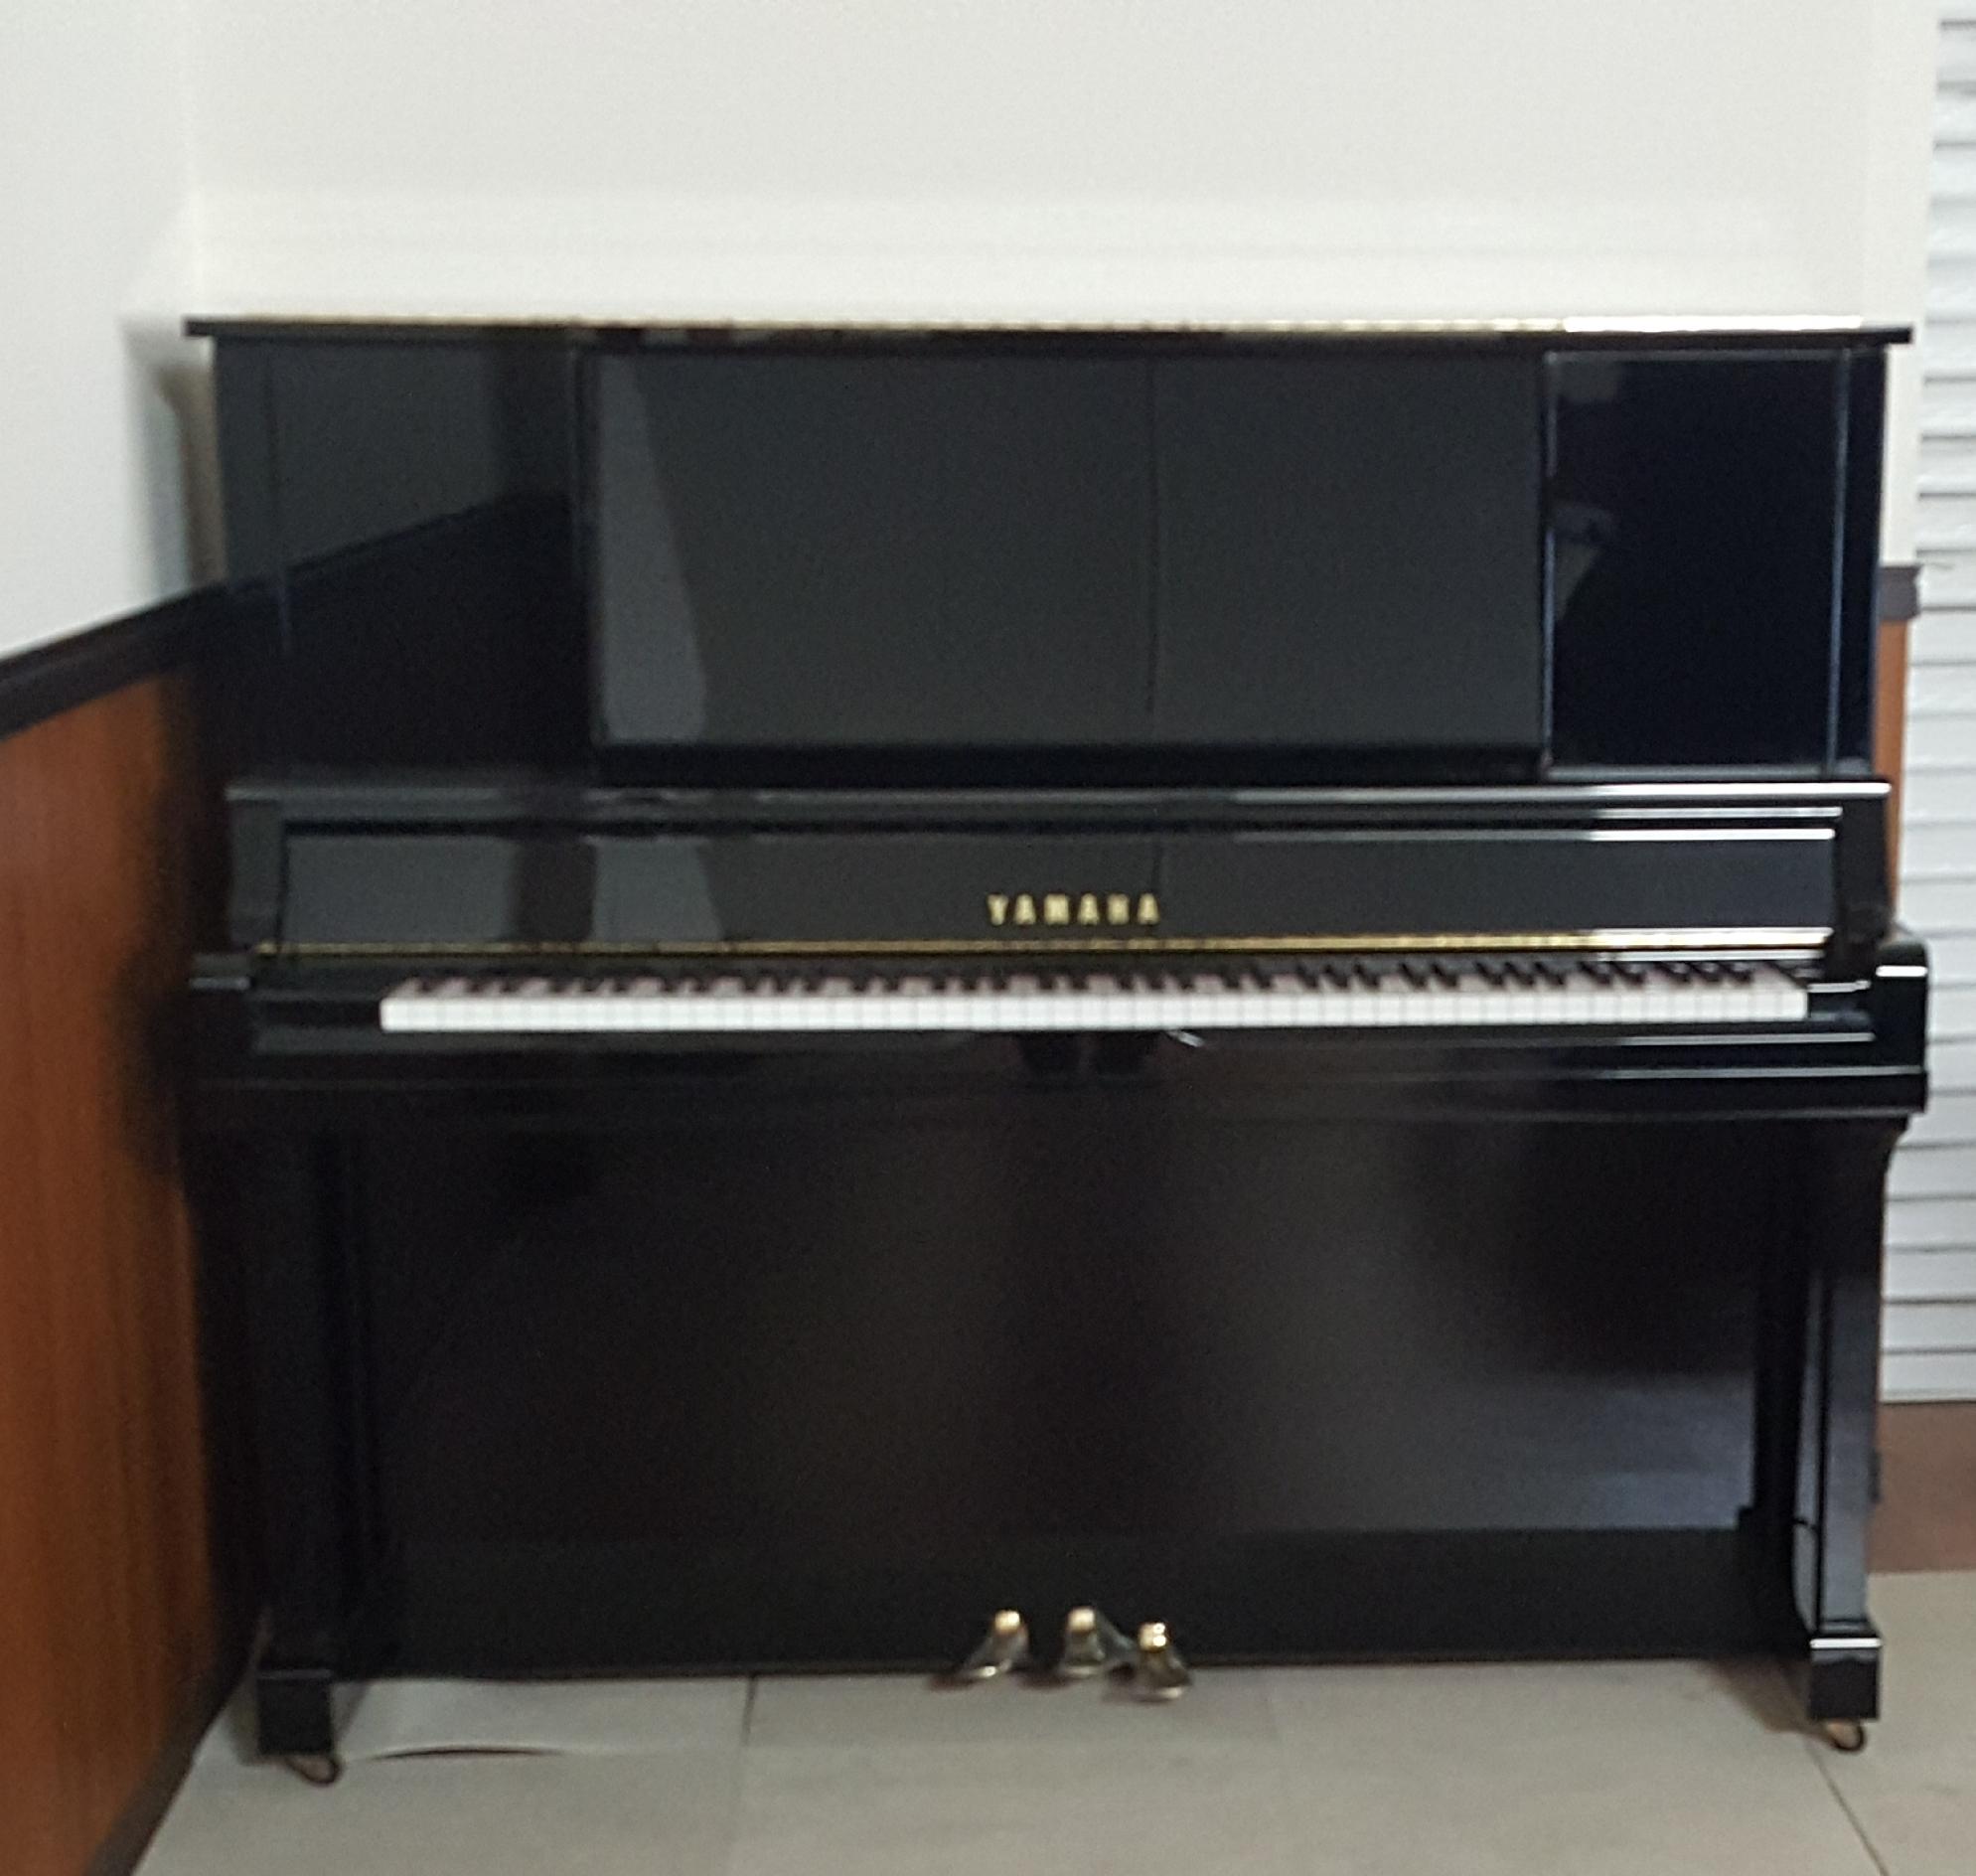 ヤマハ UX30BL